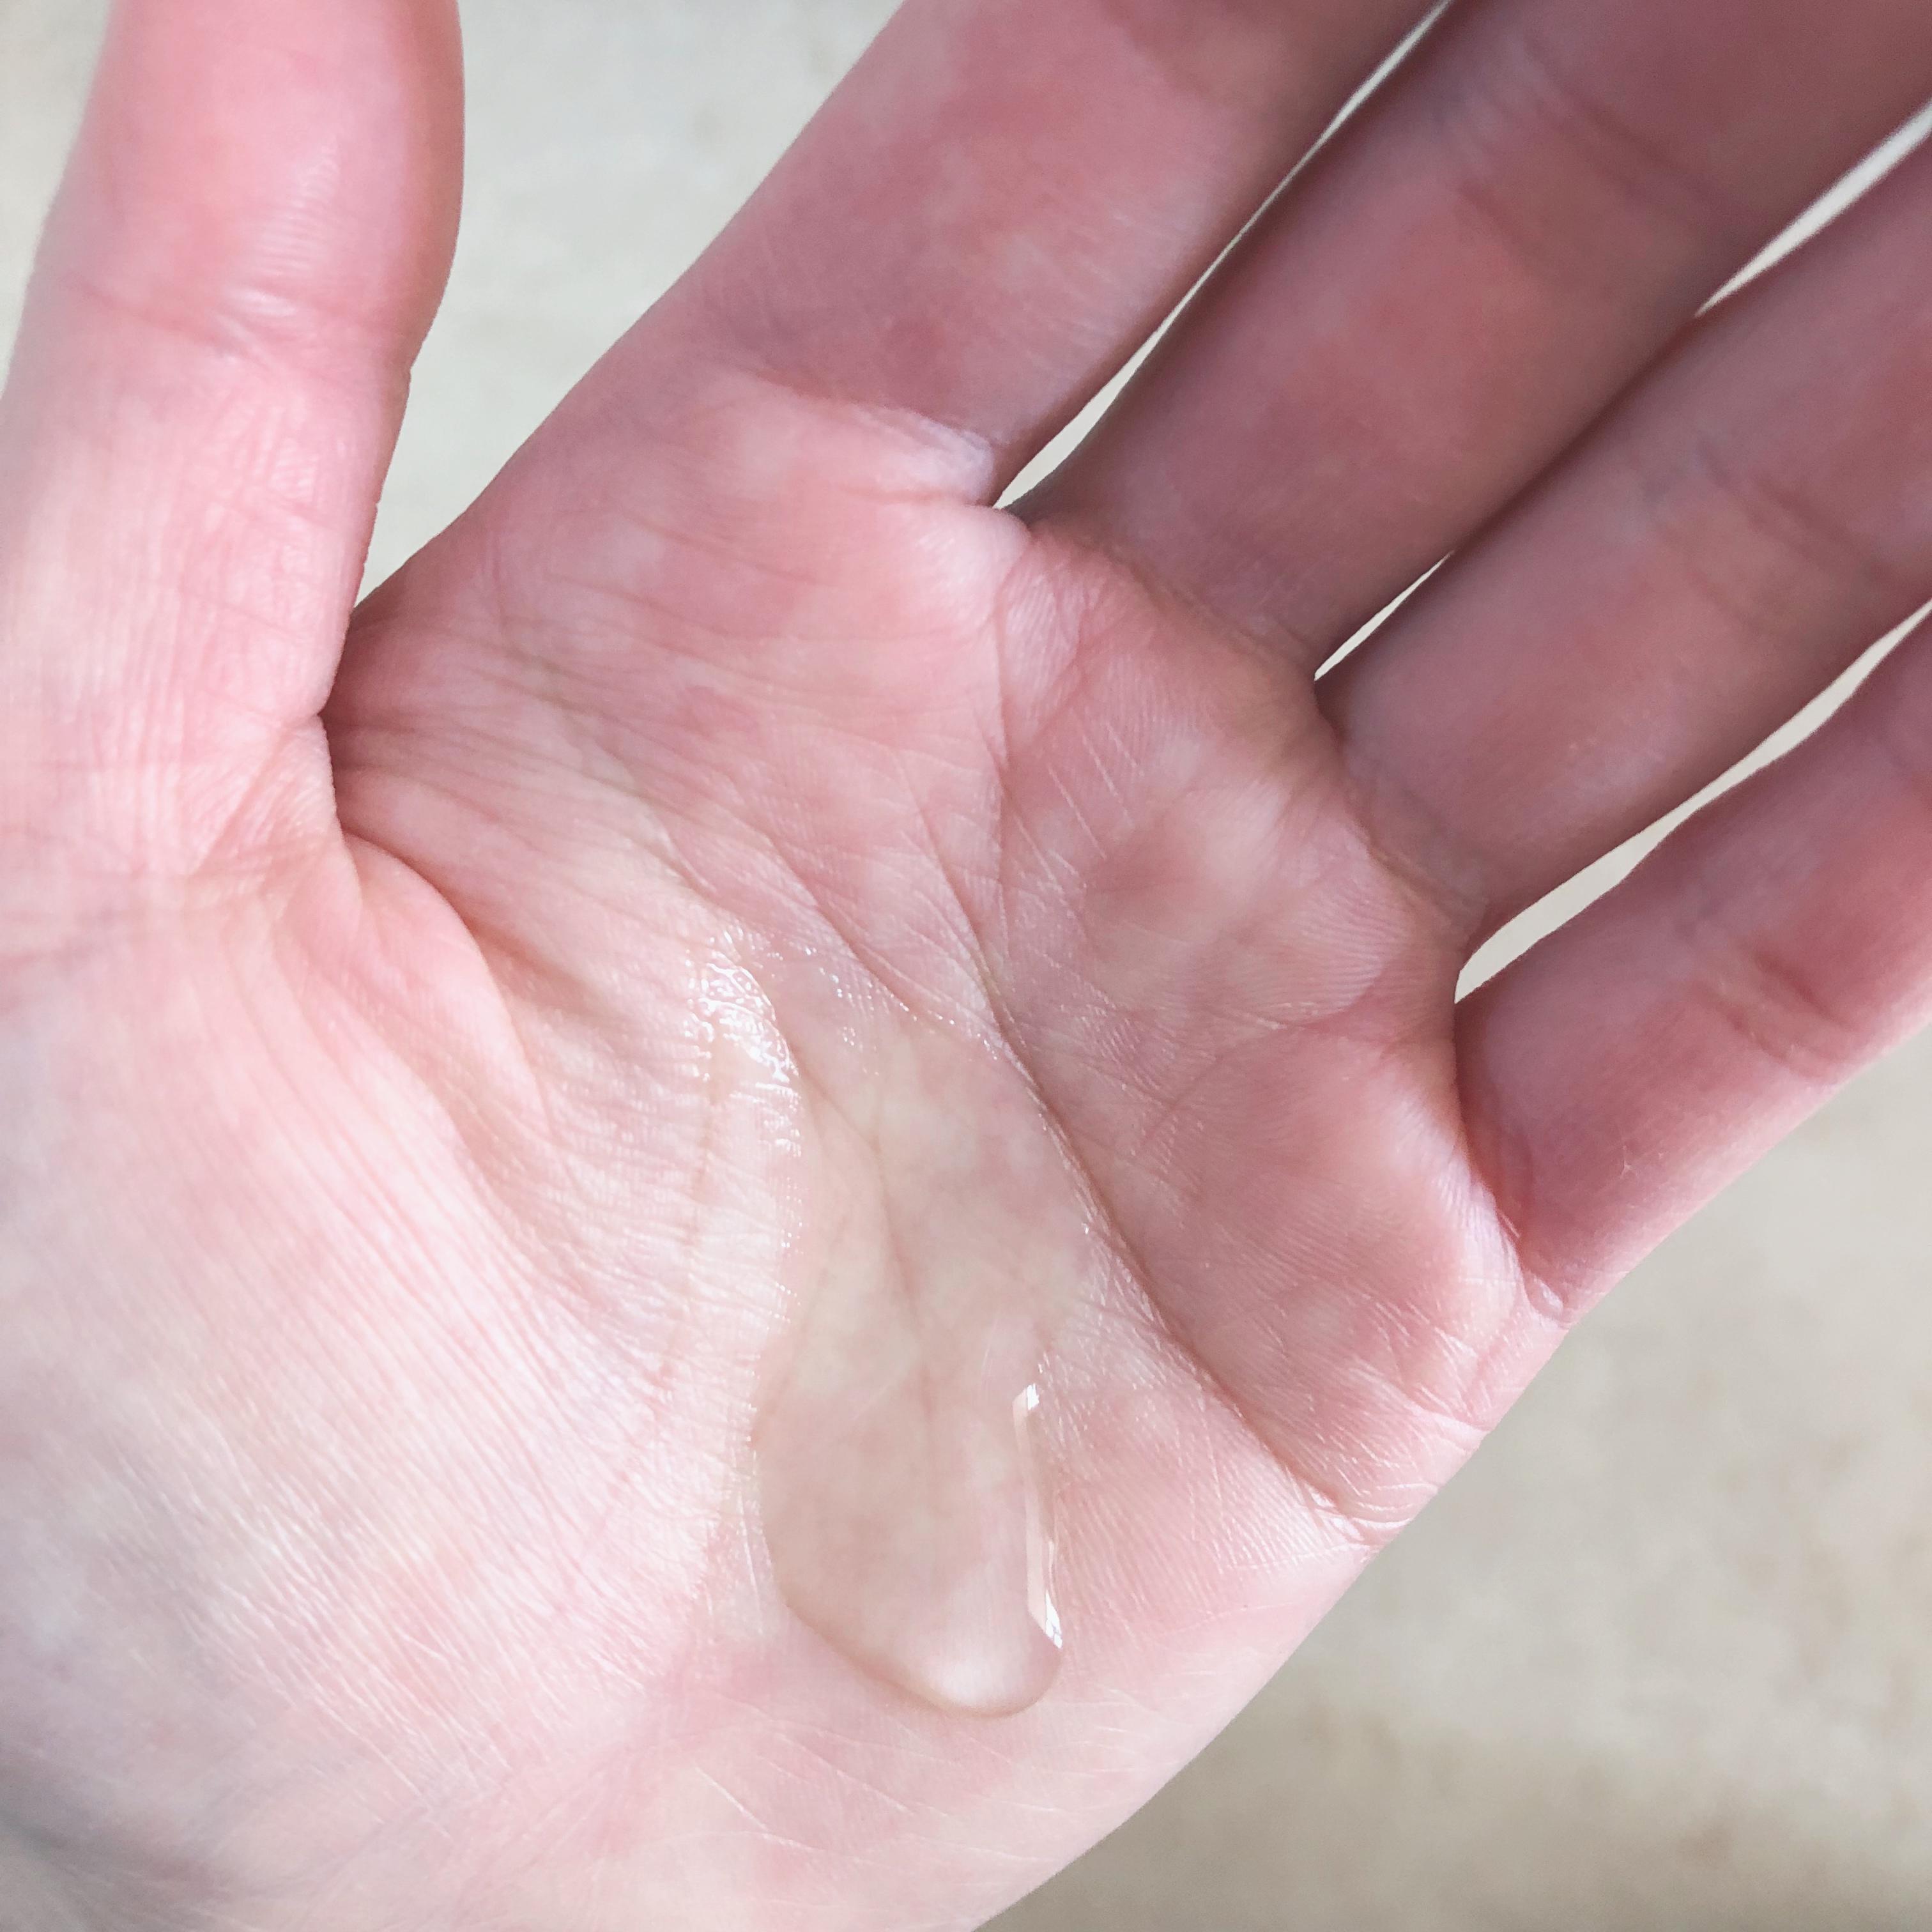 プチプラ化粧水特集 - 乾燥、ニキビ、美白などにおすすめの高コスパな化粧水まとめ_25